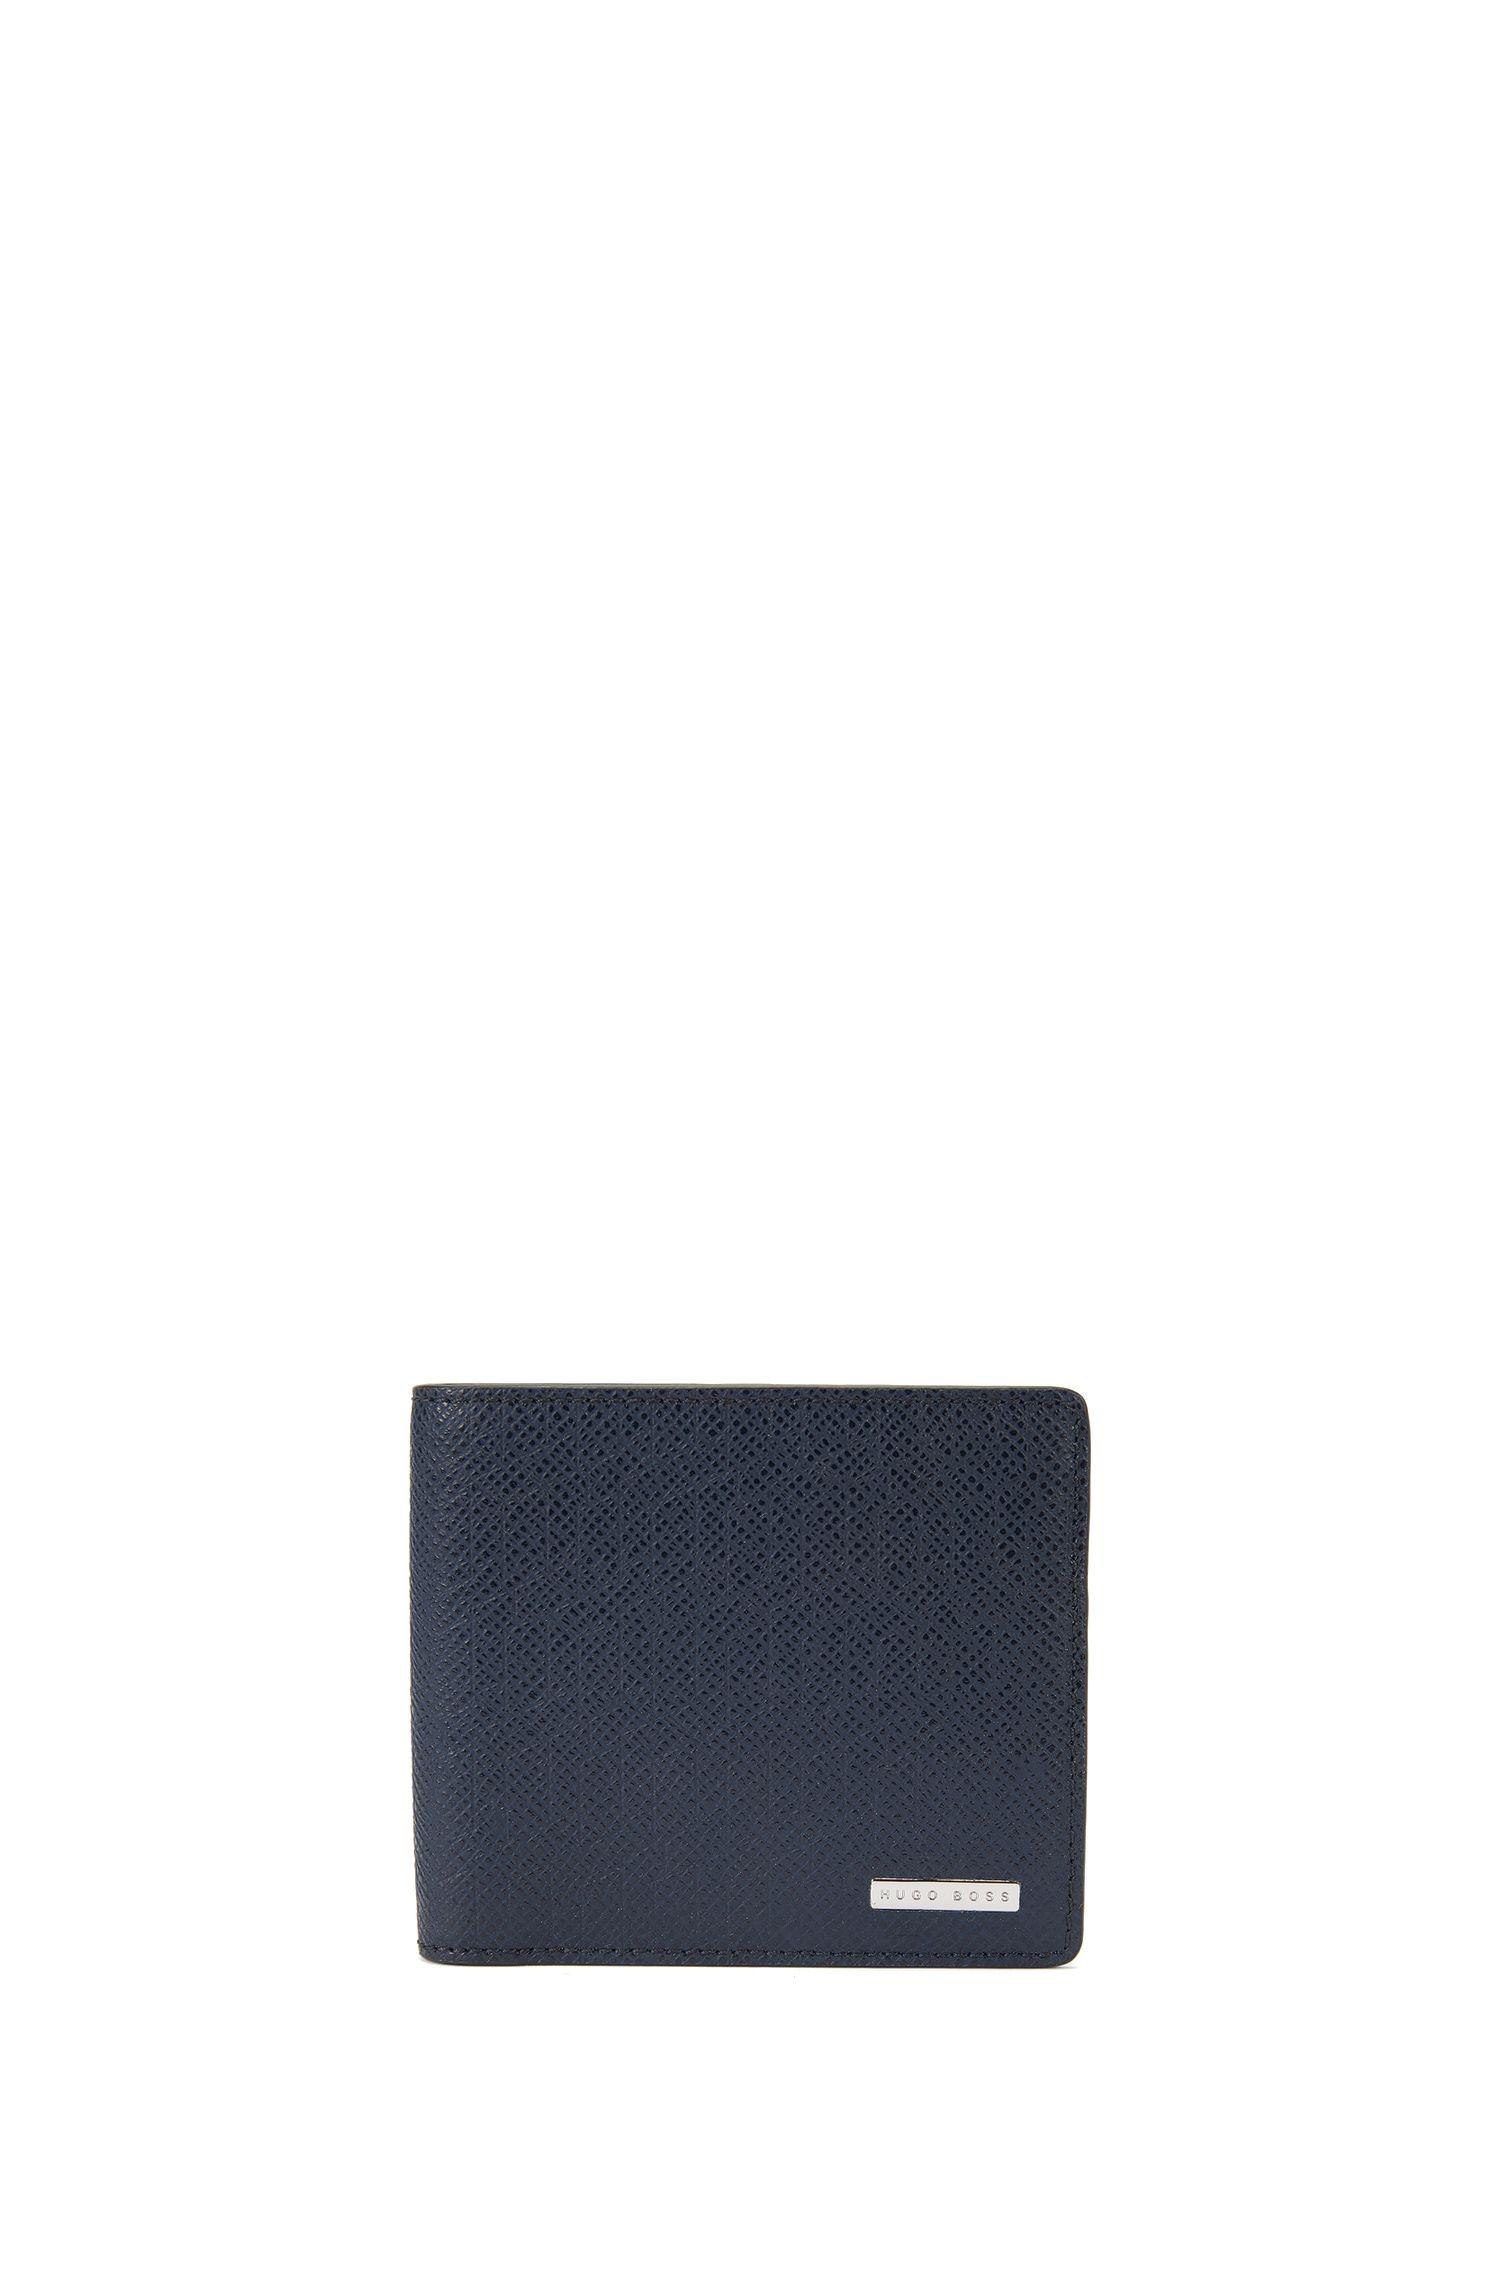 Klapp-Geldbörse aus Leder mit acht Fächern aus der Signature Holiday Edition